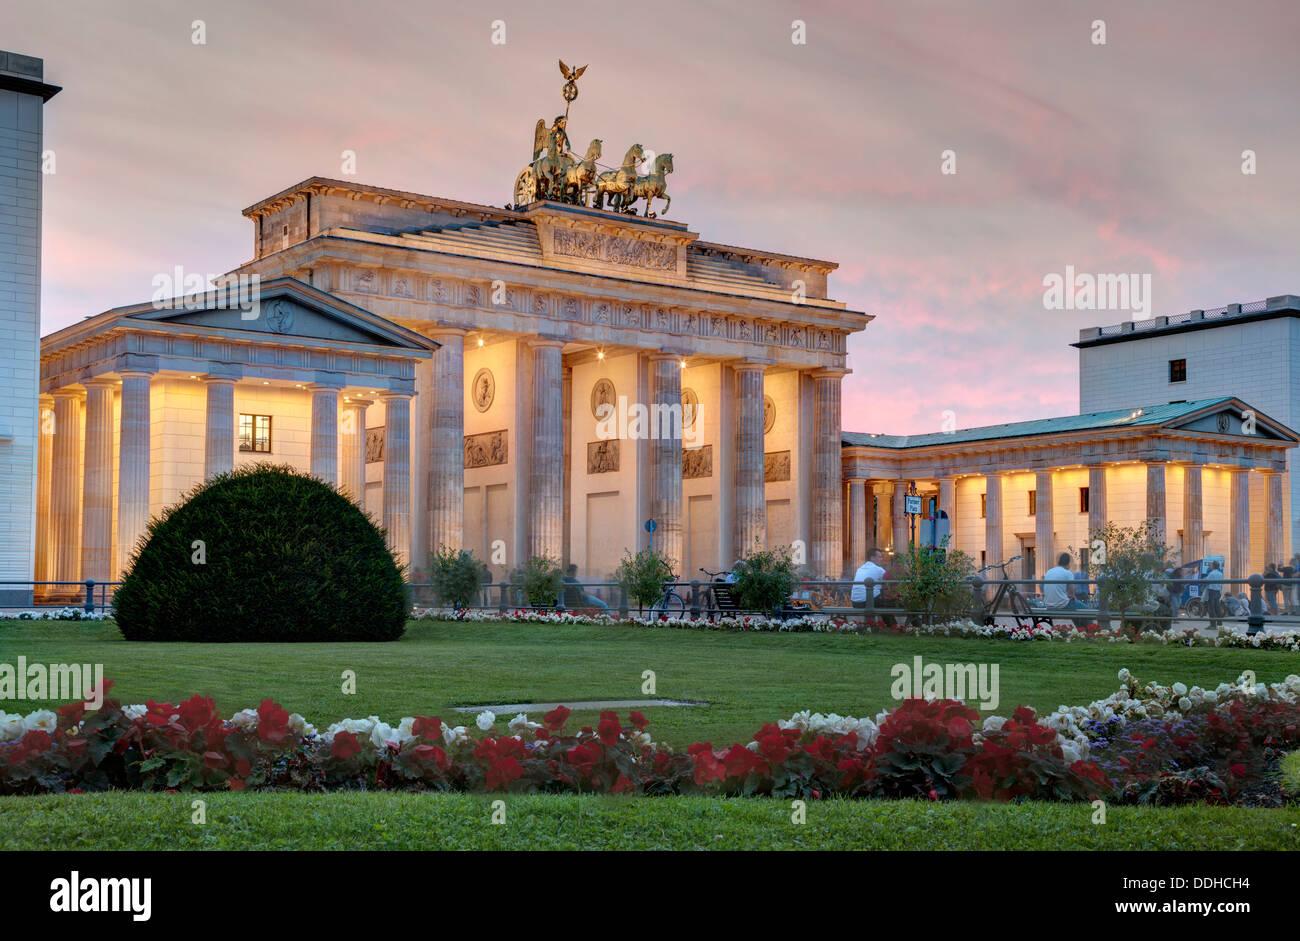 Porte de Brandebourg, Berlin, Allemagne Photo Stock